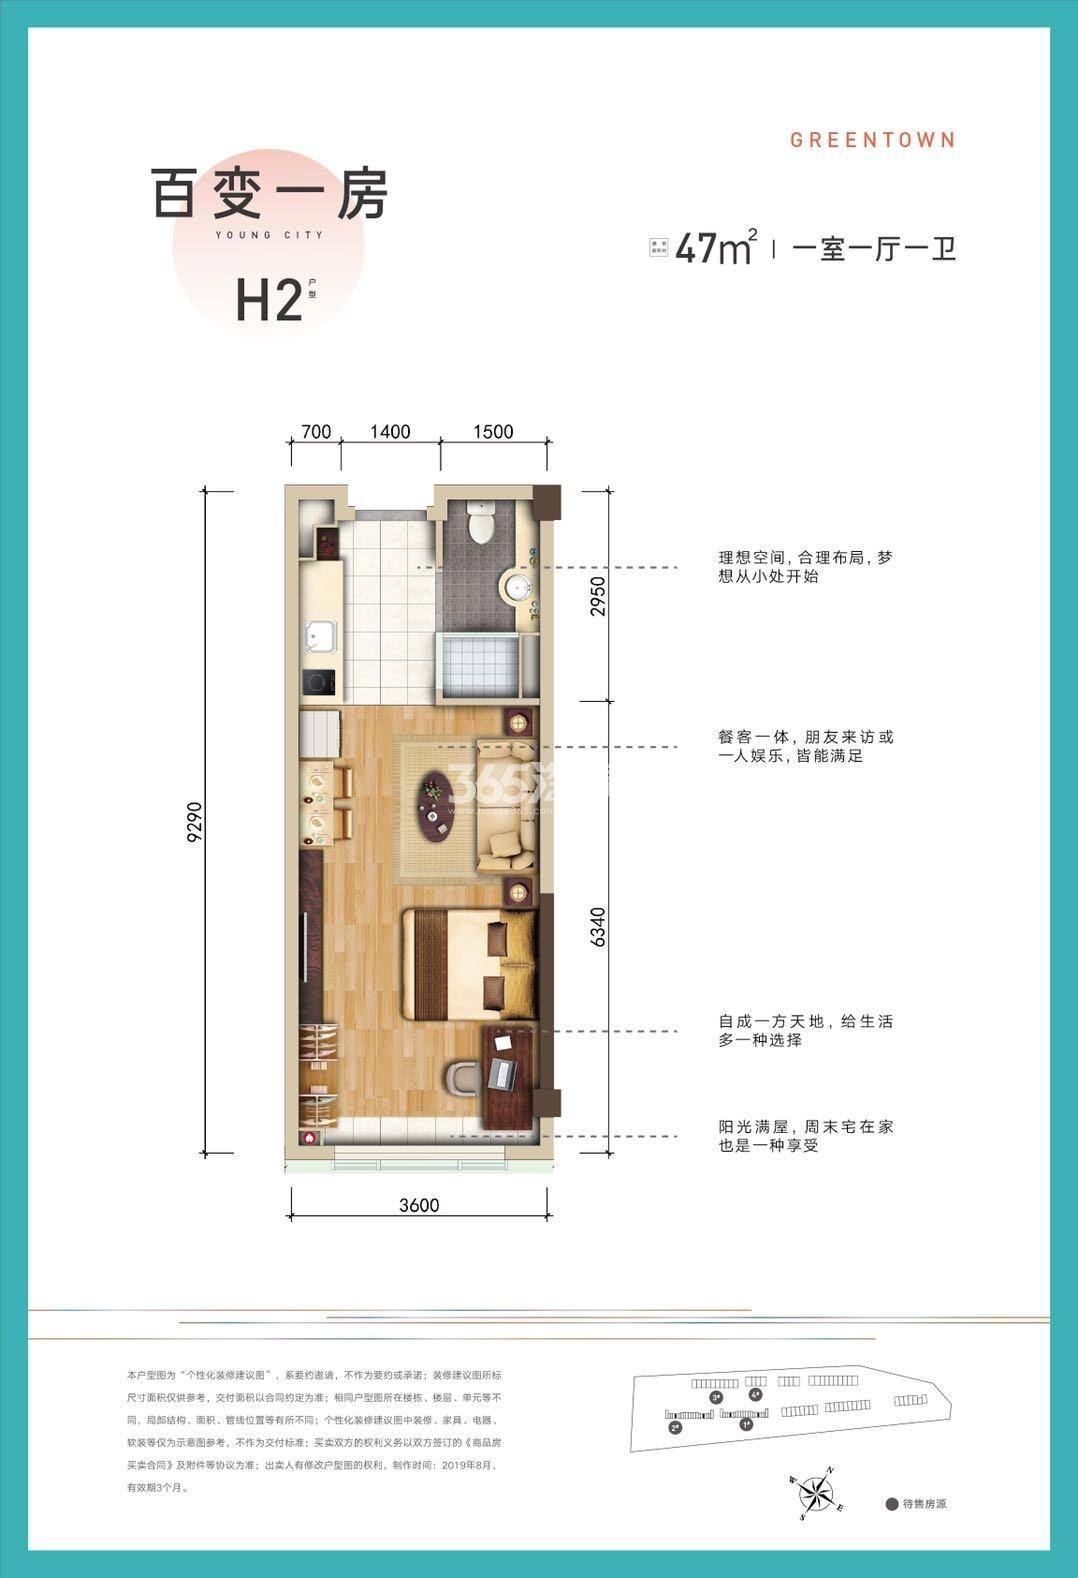 地铁绿城杨柳郡四期H2户型约47㎡(1#2#中间套)